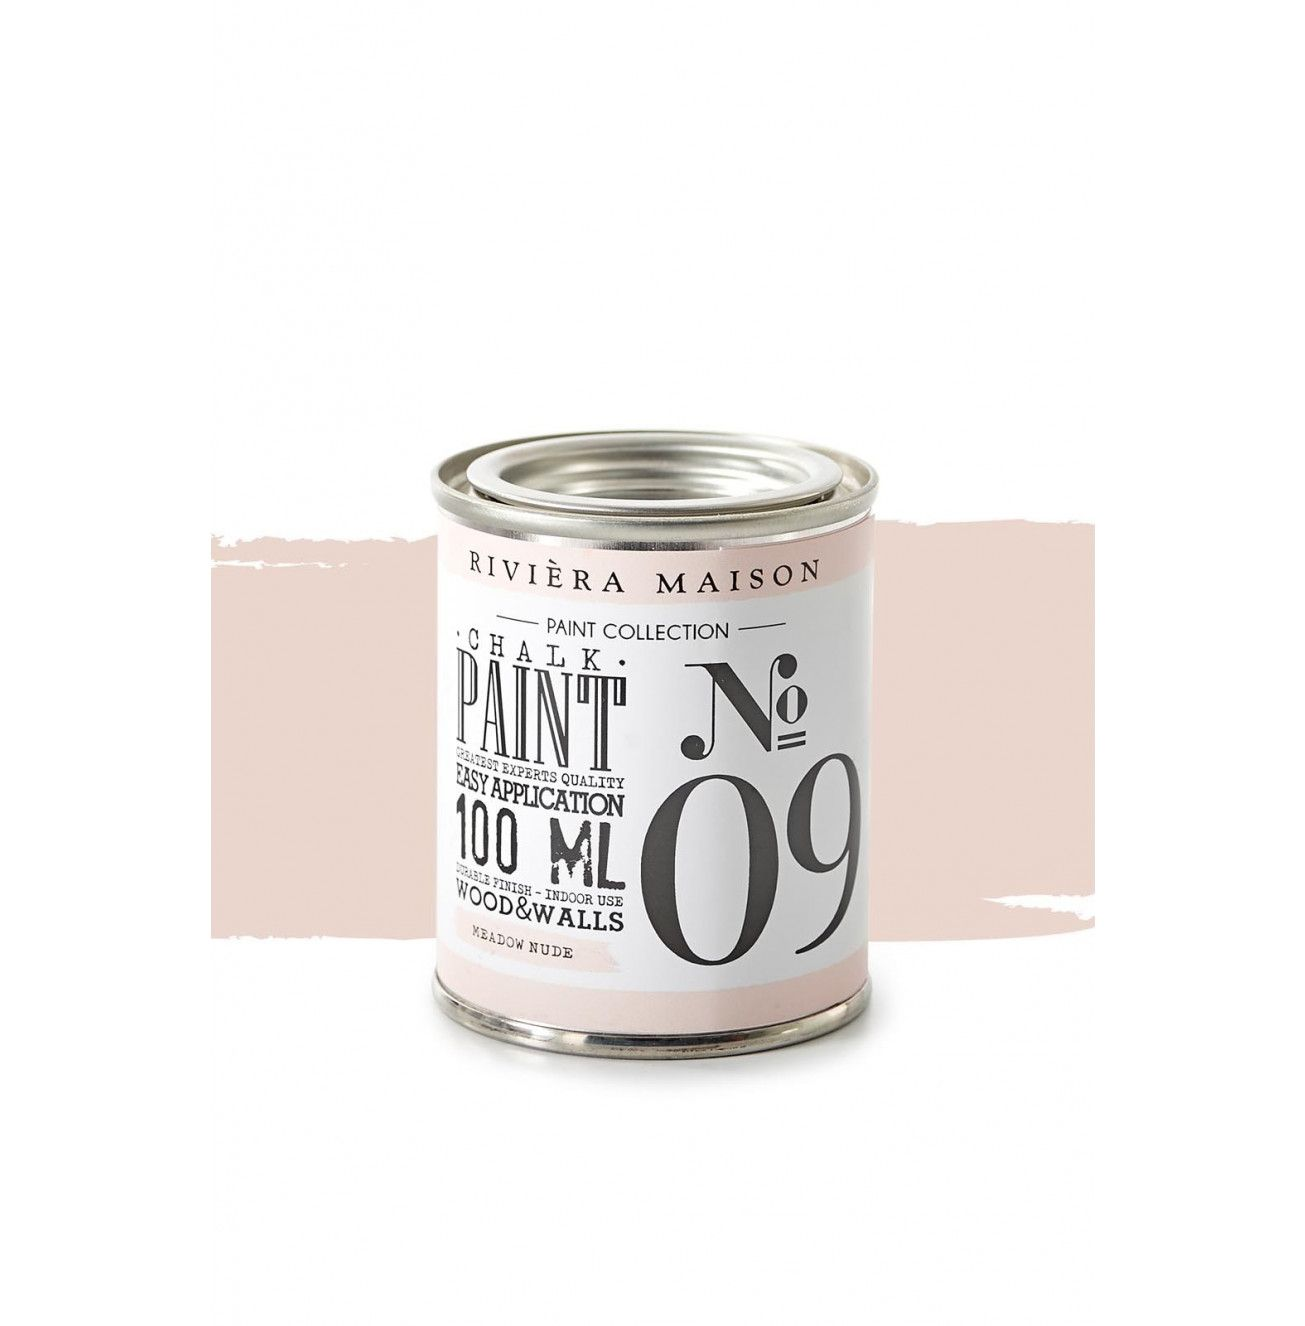 RM Chalk Paint NO97 stone 100ML Riviéra Maison - Annival